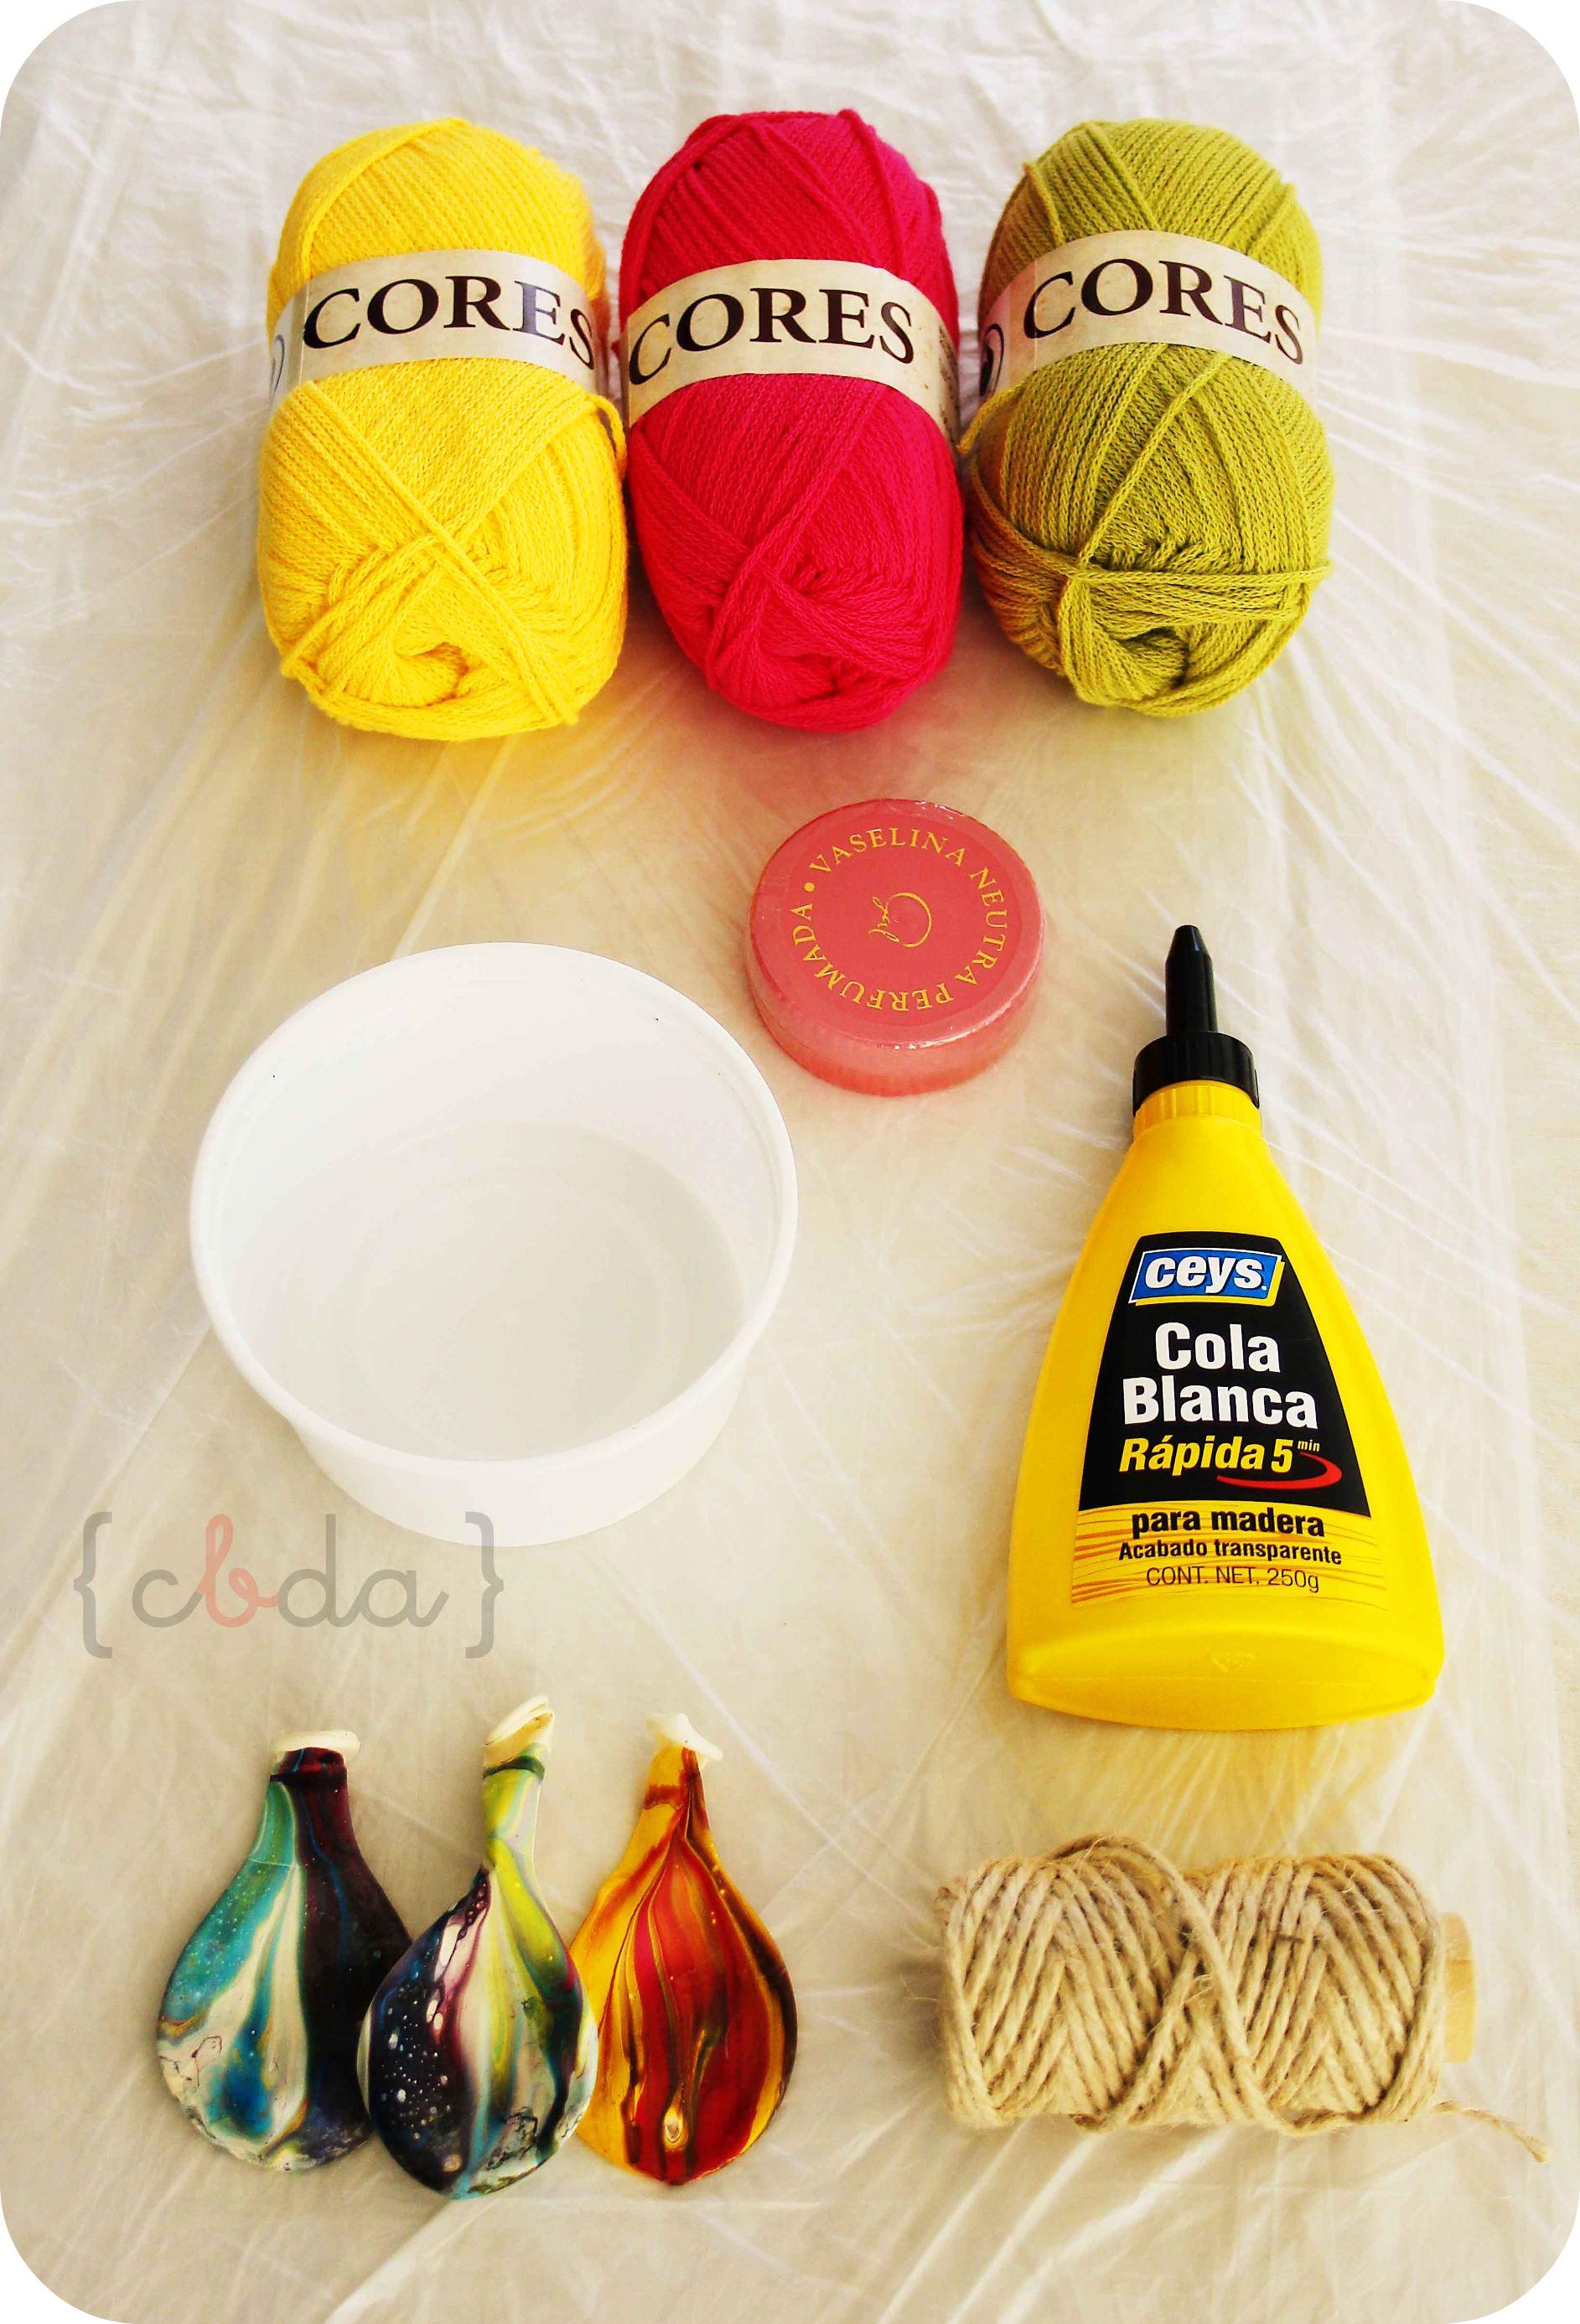 Globos de lana decorativos